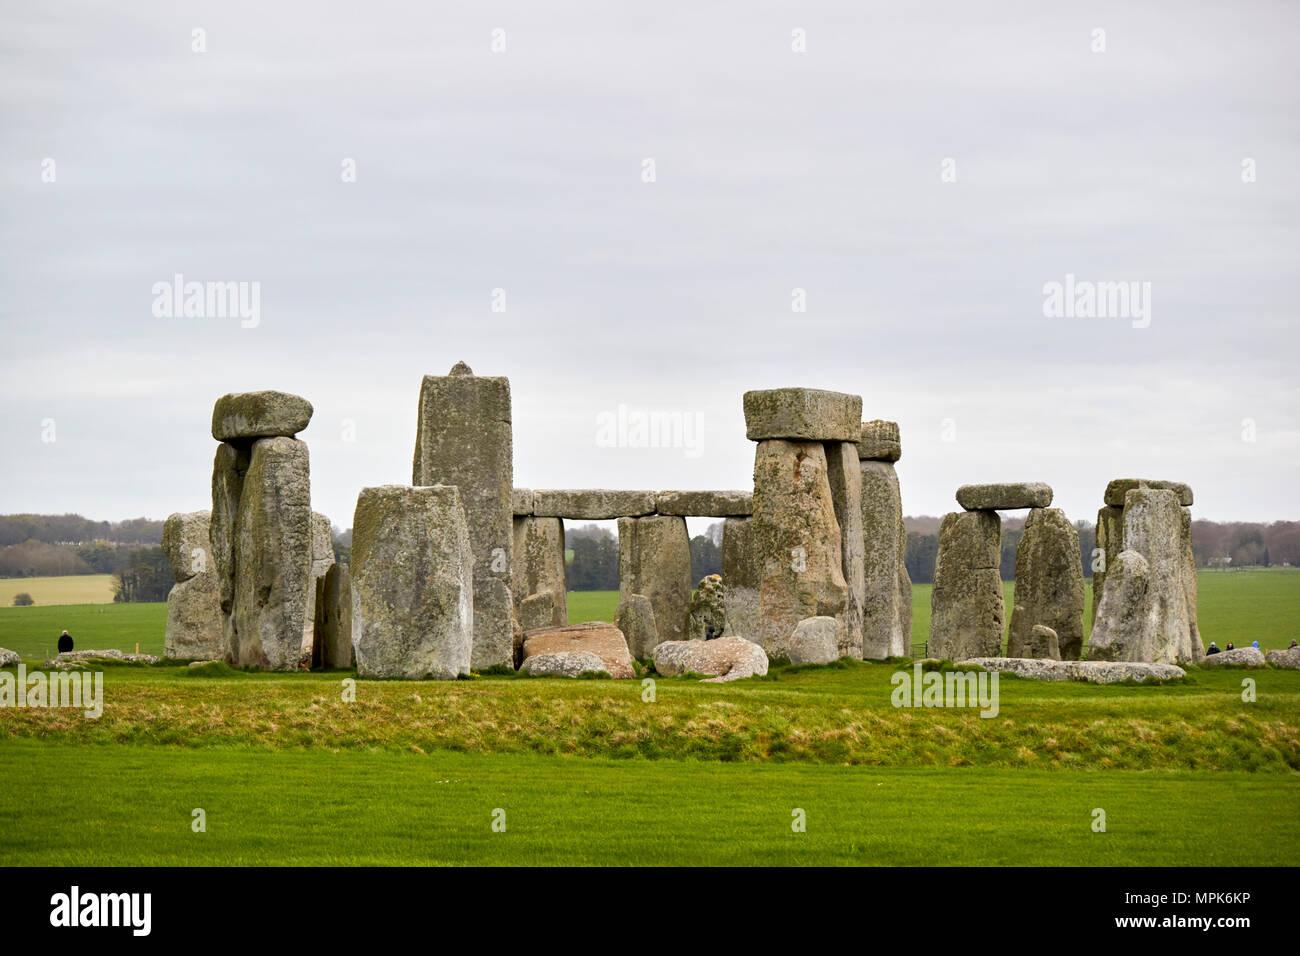 view of horseshoe of sarsen trilithon stones and tenon joint on one of the trilithons stonehenge wiltshire england uk - Stock Image